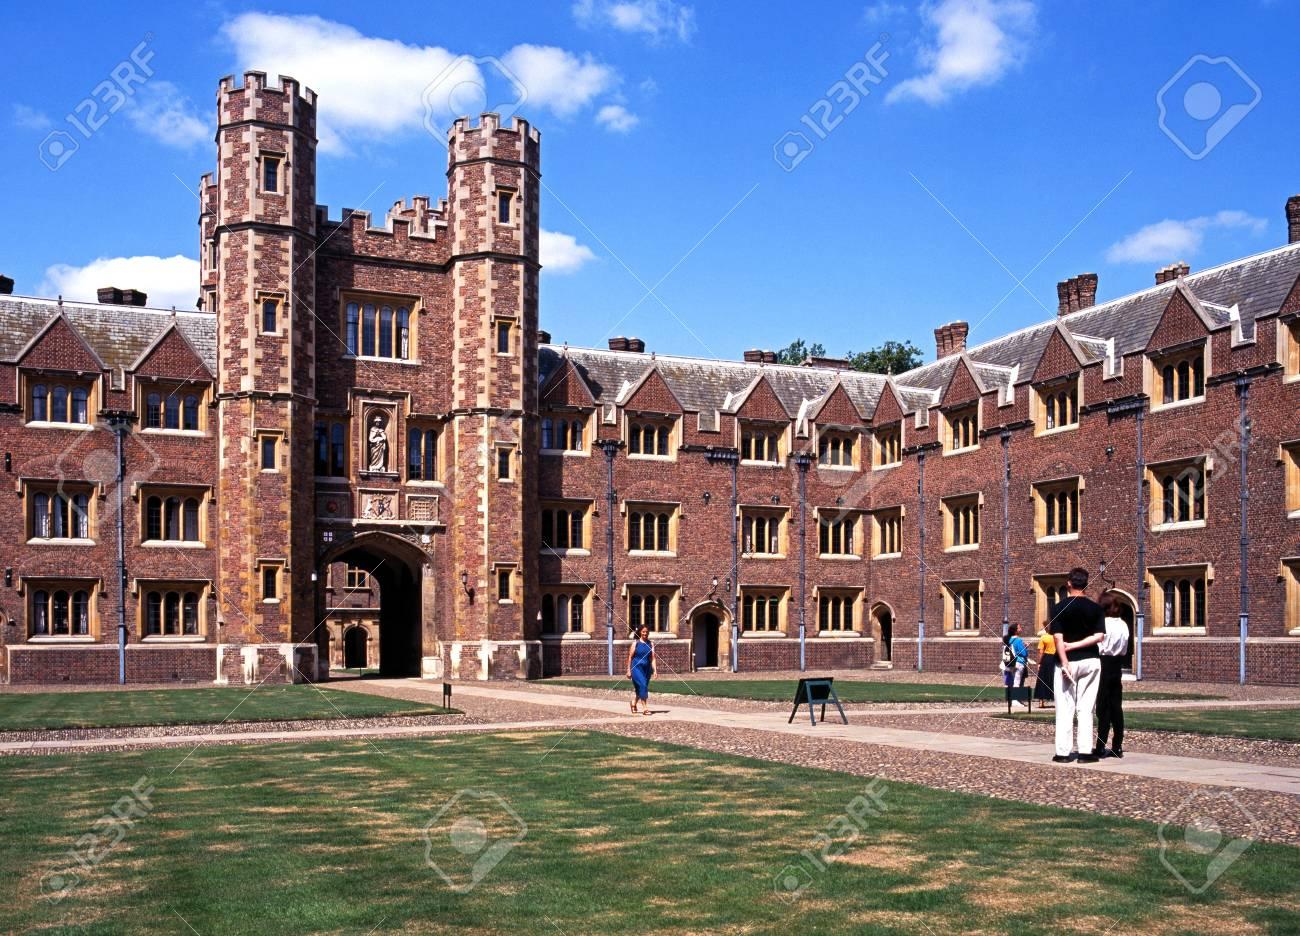 セント ジョンズ大学大門と中庭、ケンブリッジ;ケンブリッジ、イギリス ...